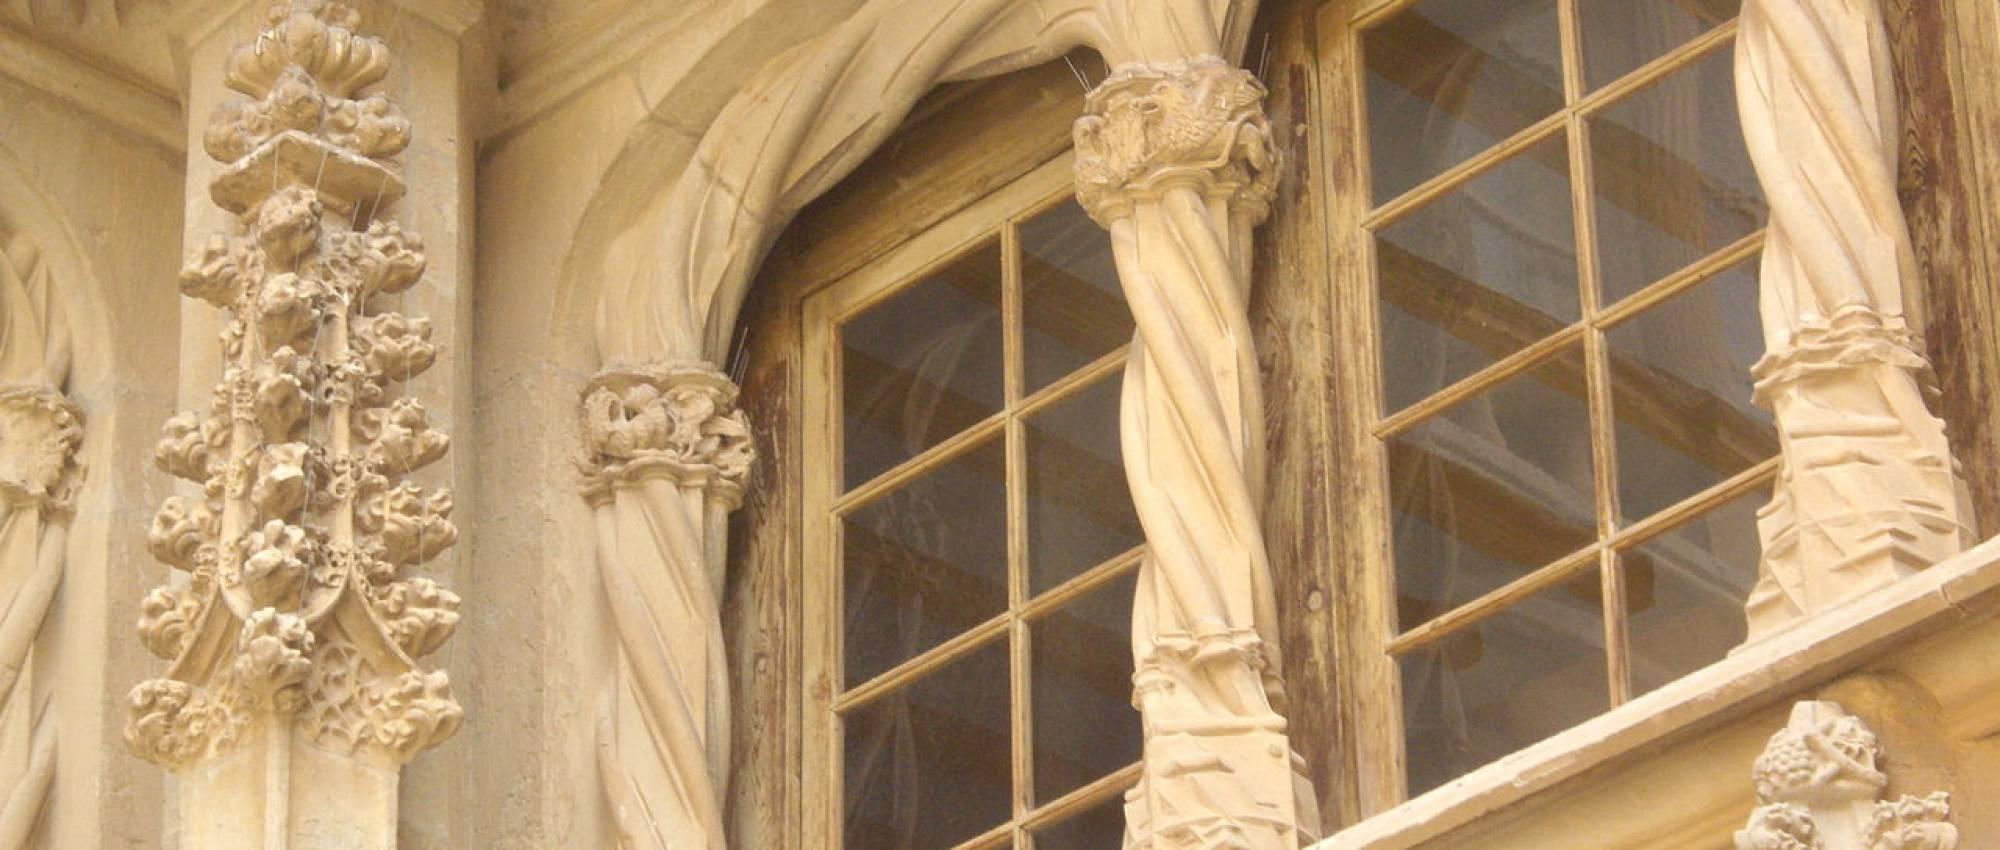 Arcs del gòtic tardà del claustre del convent de Sant Bartomeu de Bellpuig. JoanCa / Wikimedia Commons. CC BY-SA 3.0